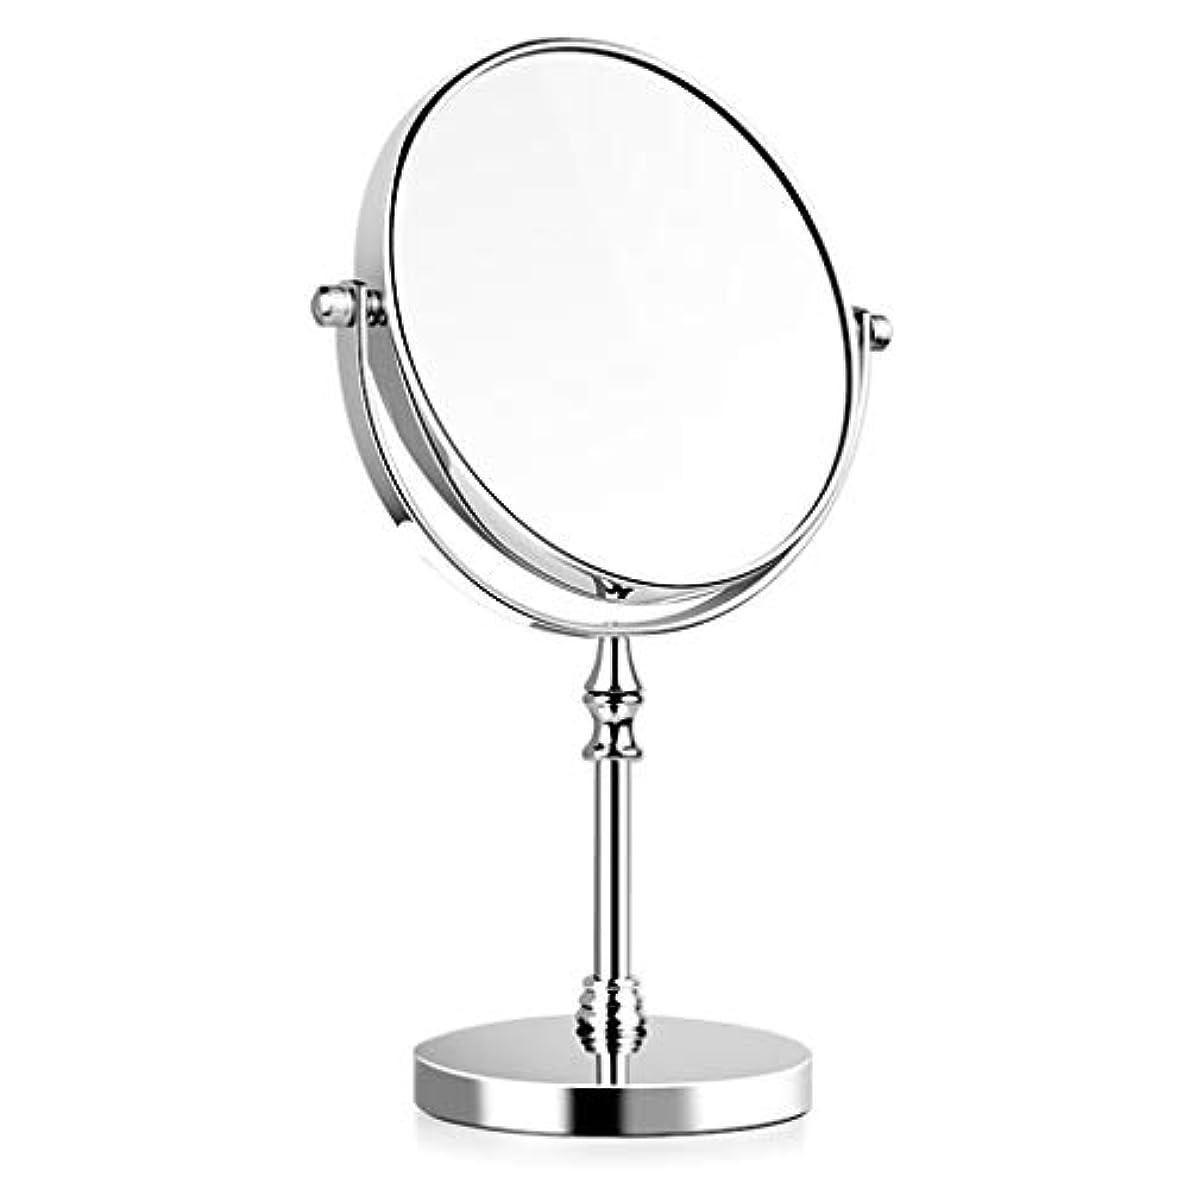 湿度回転する中央値.化粧鏡 化粧鏡大型HD両面デスクトップ化粧鏡化粧鏡3倍倍率360°回転 ED化粧鏡1倍/ 2倍/ 3倍/ 5倍/ 10倍拡大鏡ポ